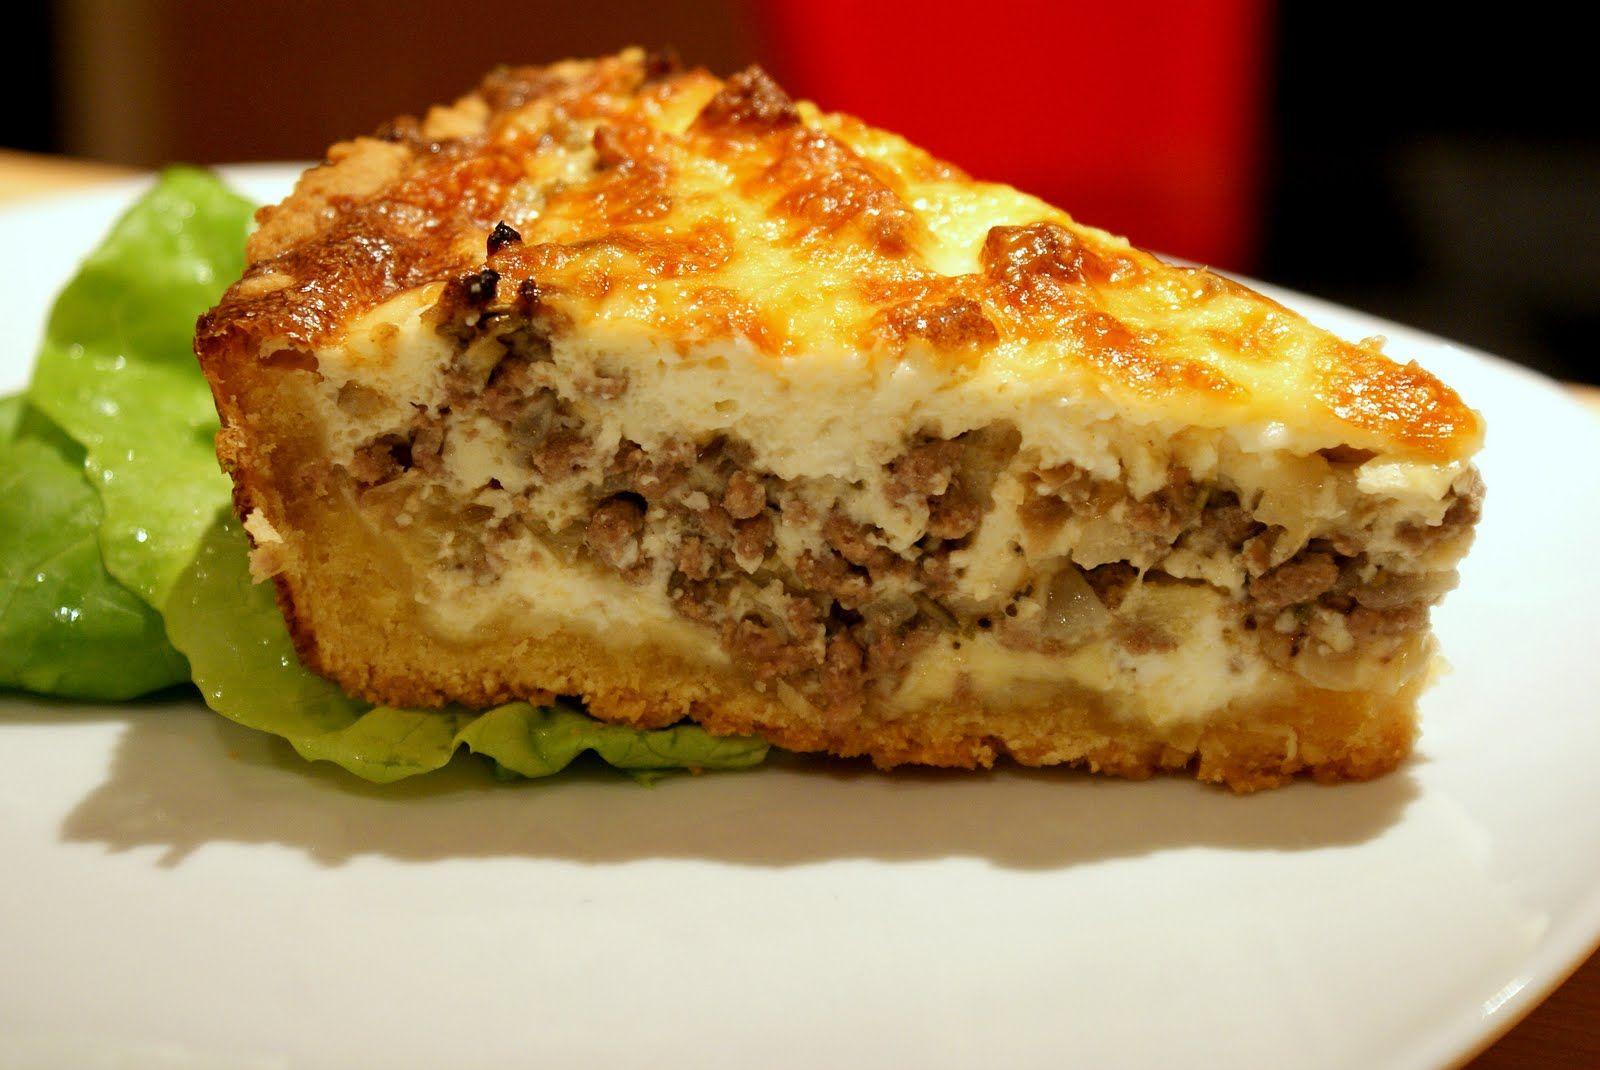 Quiche à la viande hachée - Recettes du monde | Viande hachée, Recette quiche, Recettes de cuisine